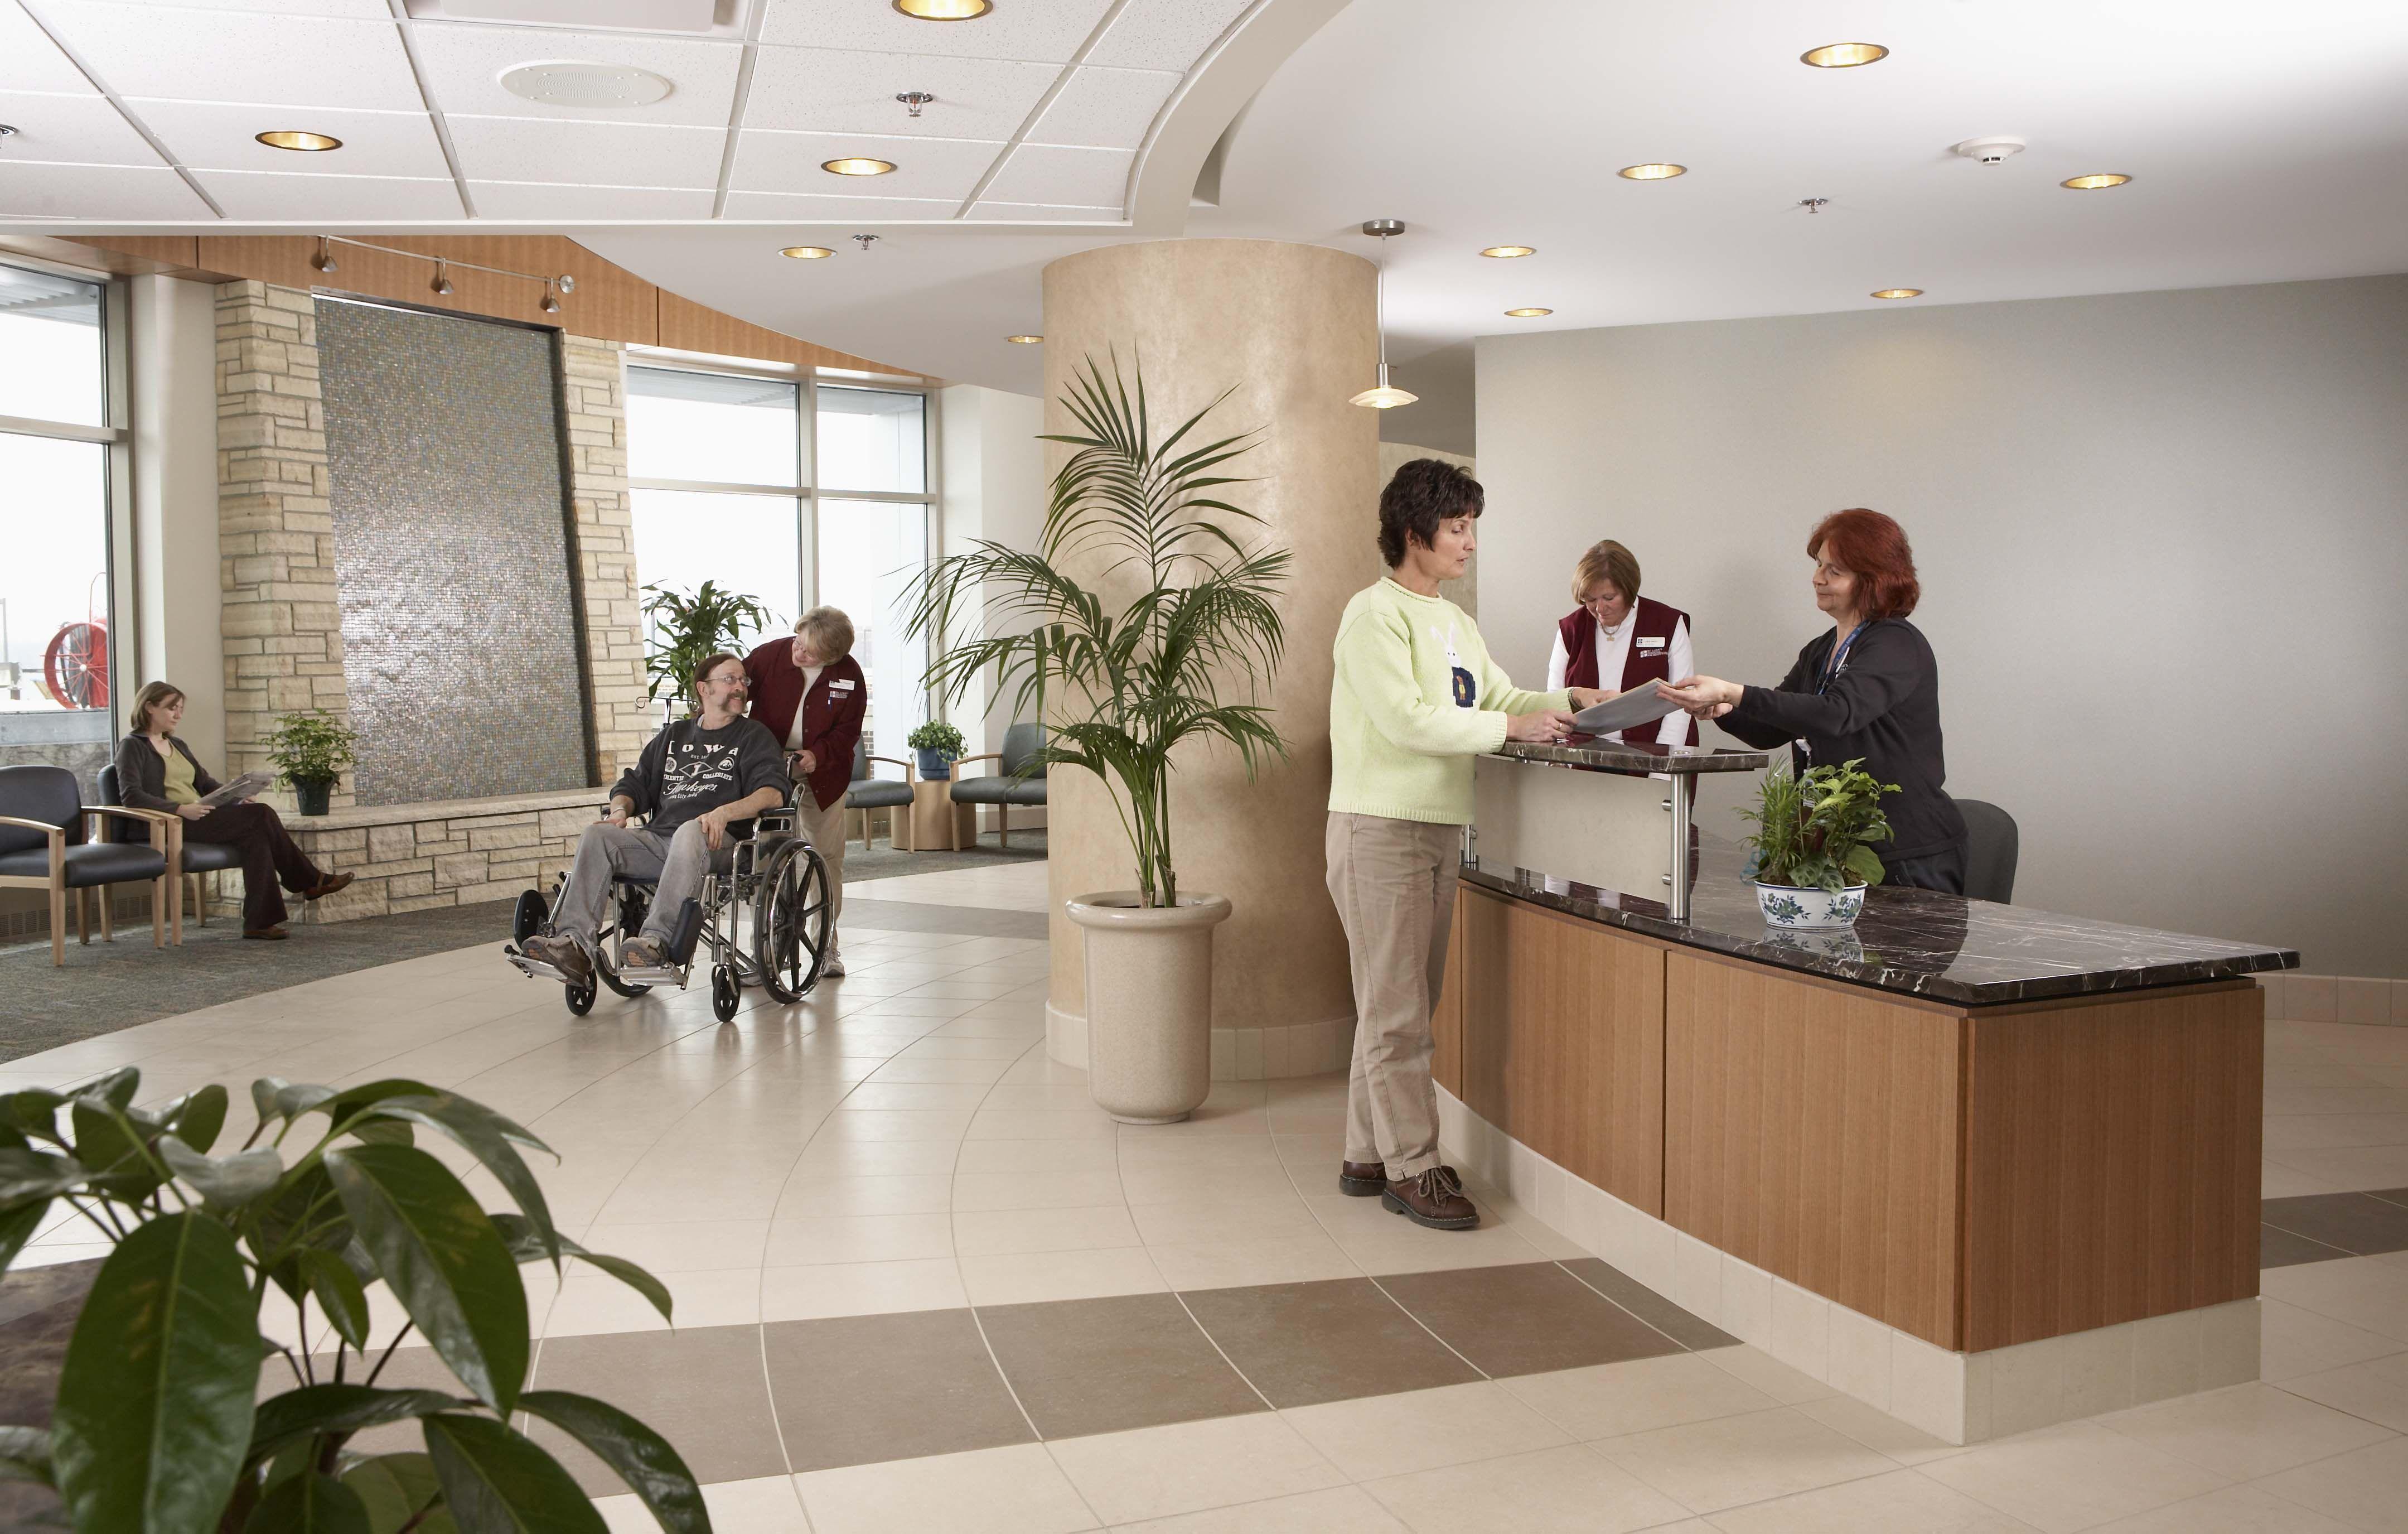 St Lukes Hospital West Entrance registration desk